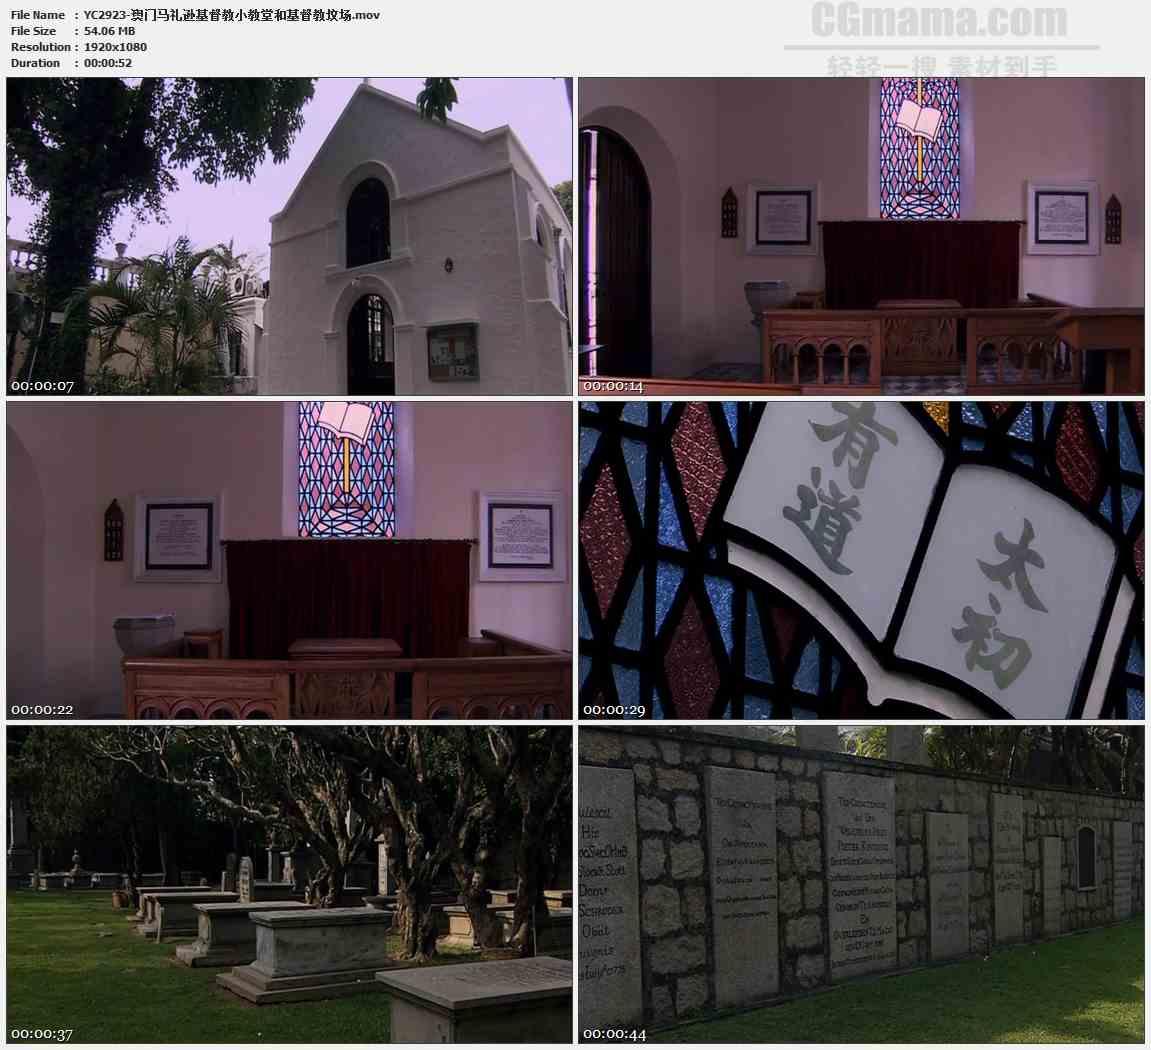 YC2923-澳门马礼逊基督教小教堂和基督教坟场高清实拍视频素材